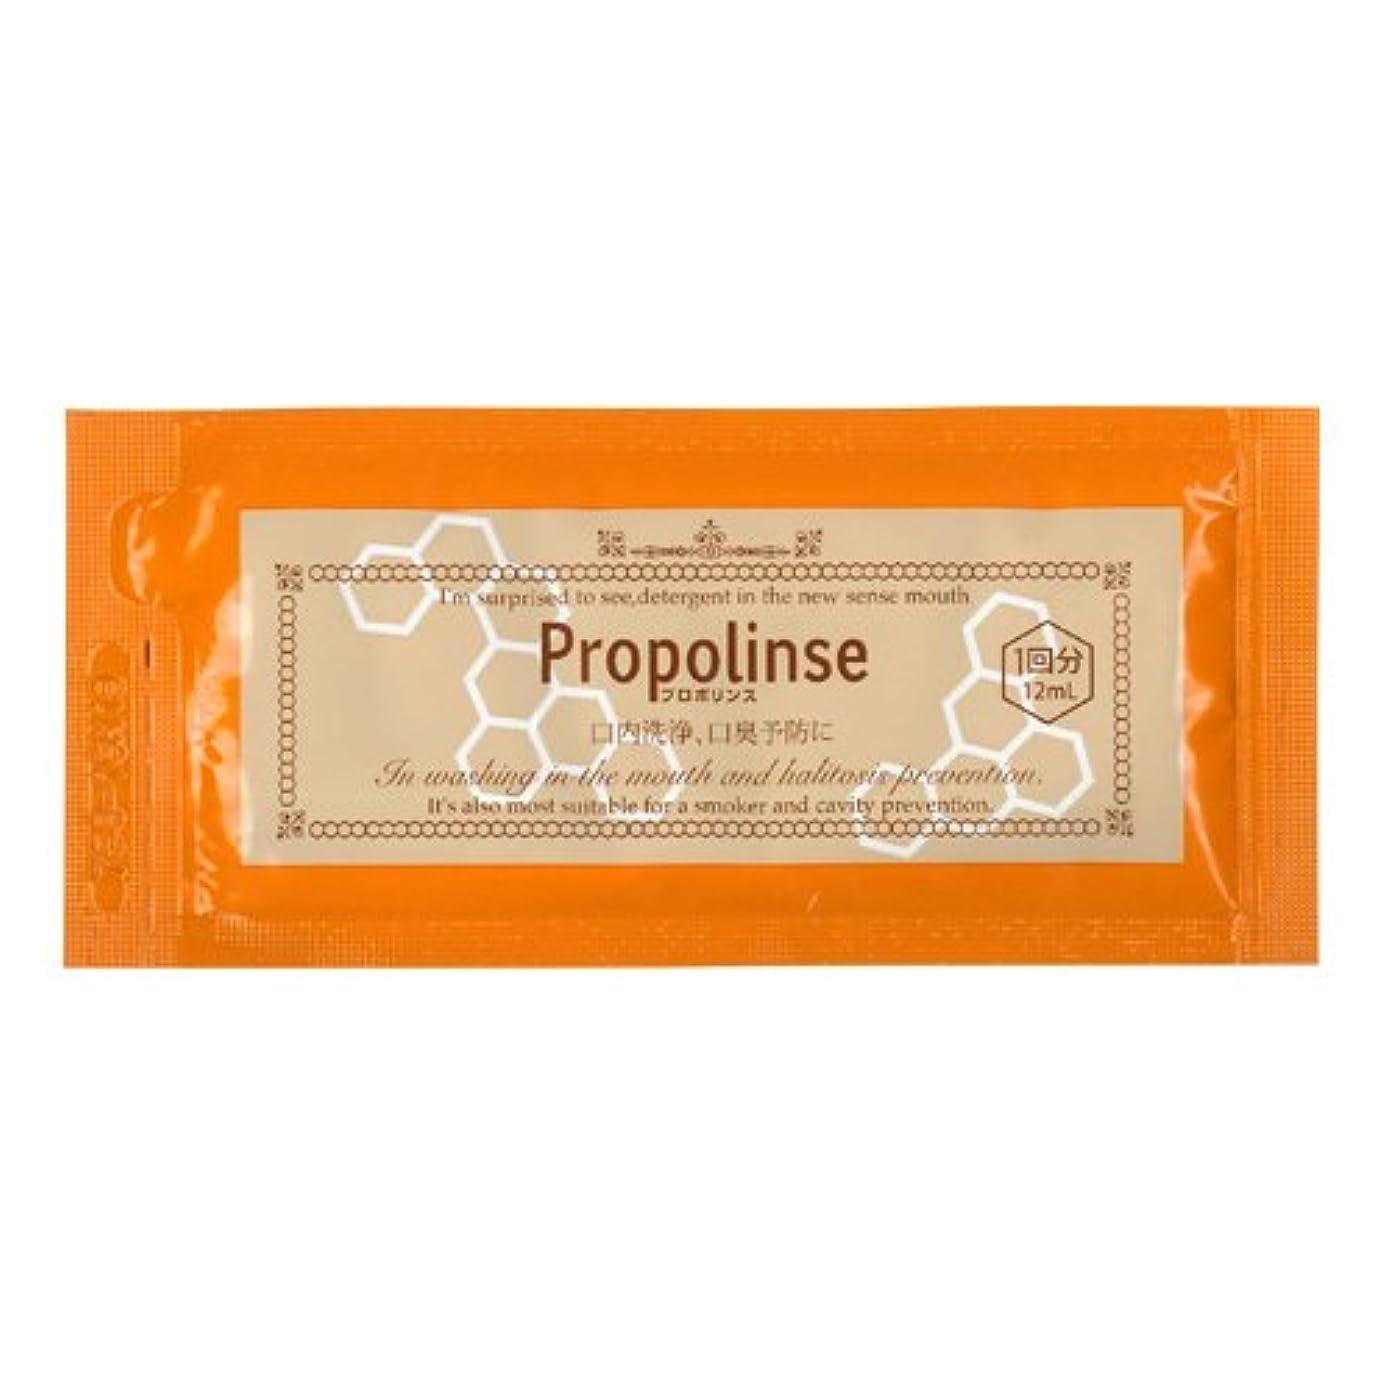 一般的に言えばちょうつがい同級生プロポリンス ハンディパウチ 12ml(1袋)×100袋